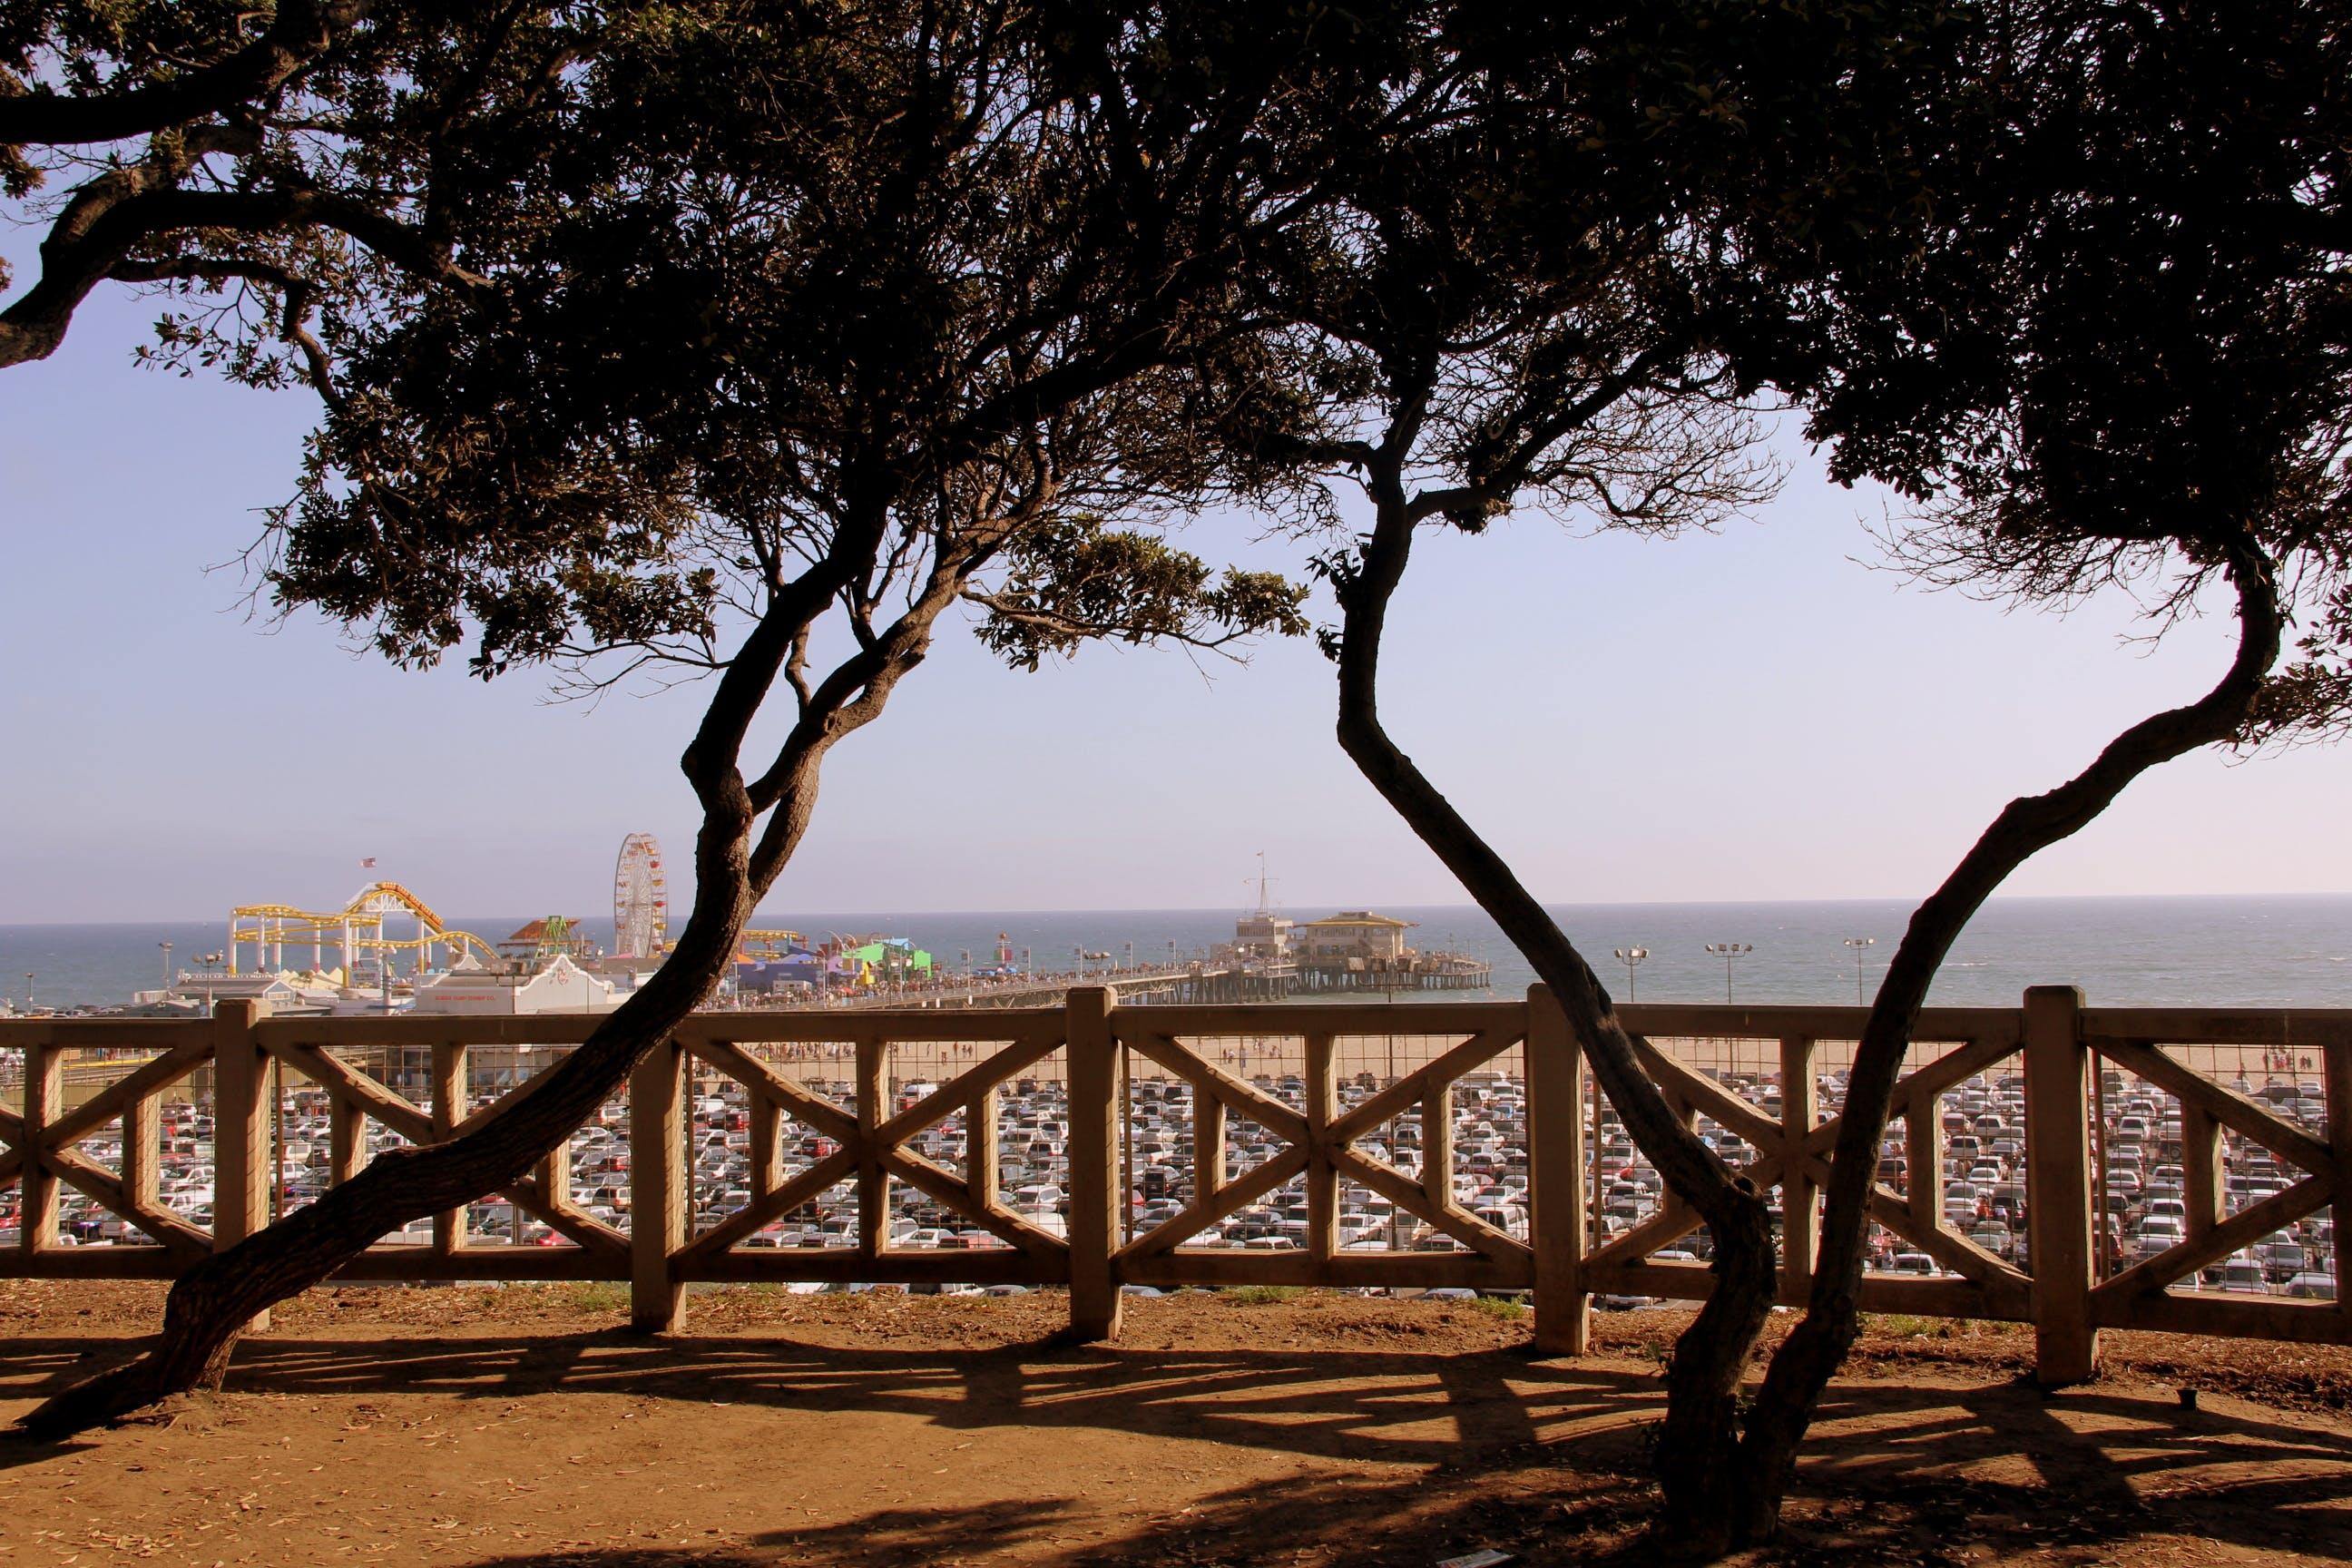 Kostenloses Stock Foto zu bäume, dock, draußen, ferien